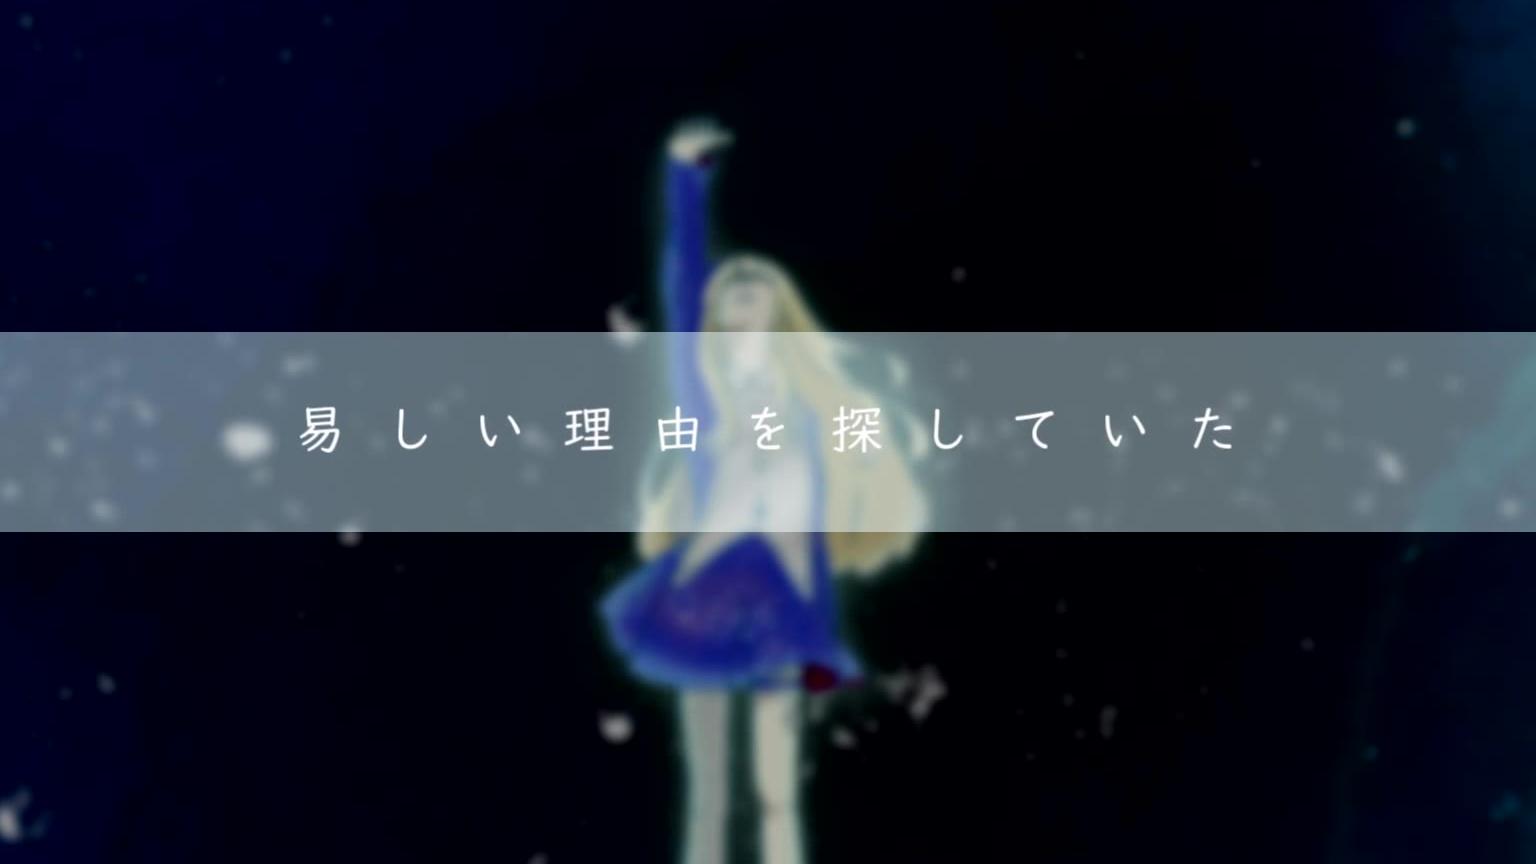 【ゲキヤク】月を探【そのは】